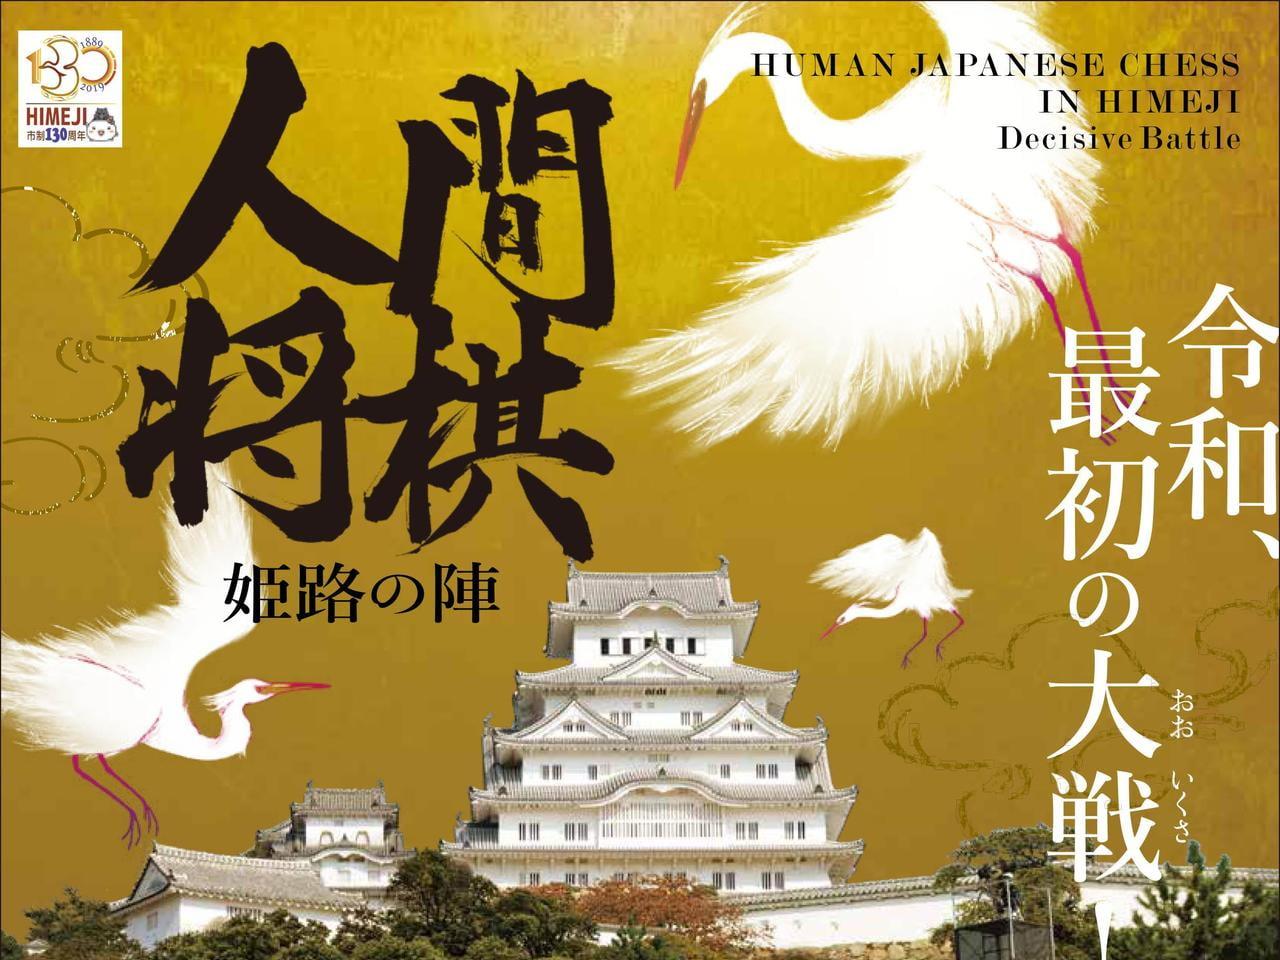 「人間将棋 姫路の陣」が姫路城近くで開催!詳細とスケジュールを紹介